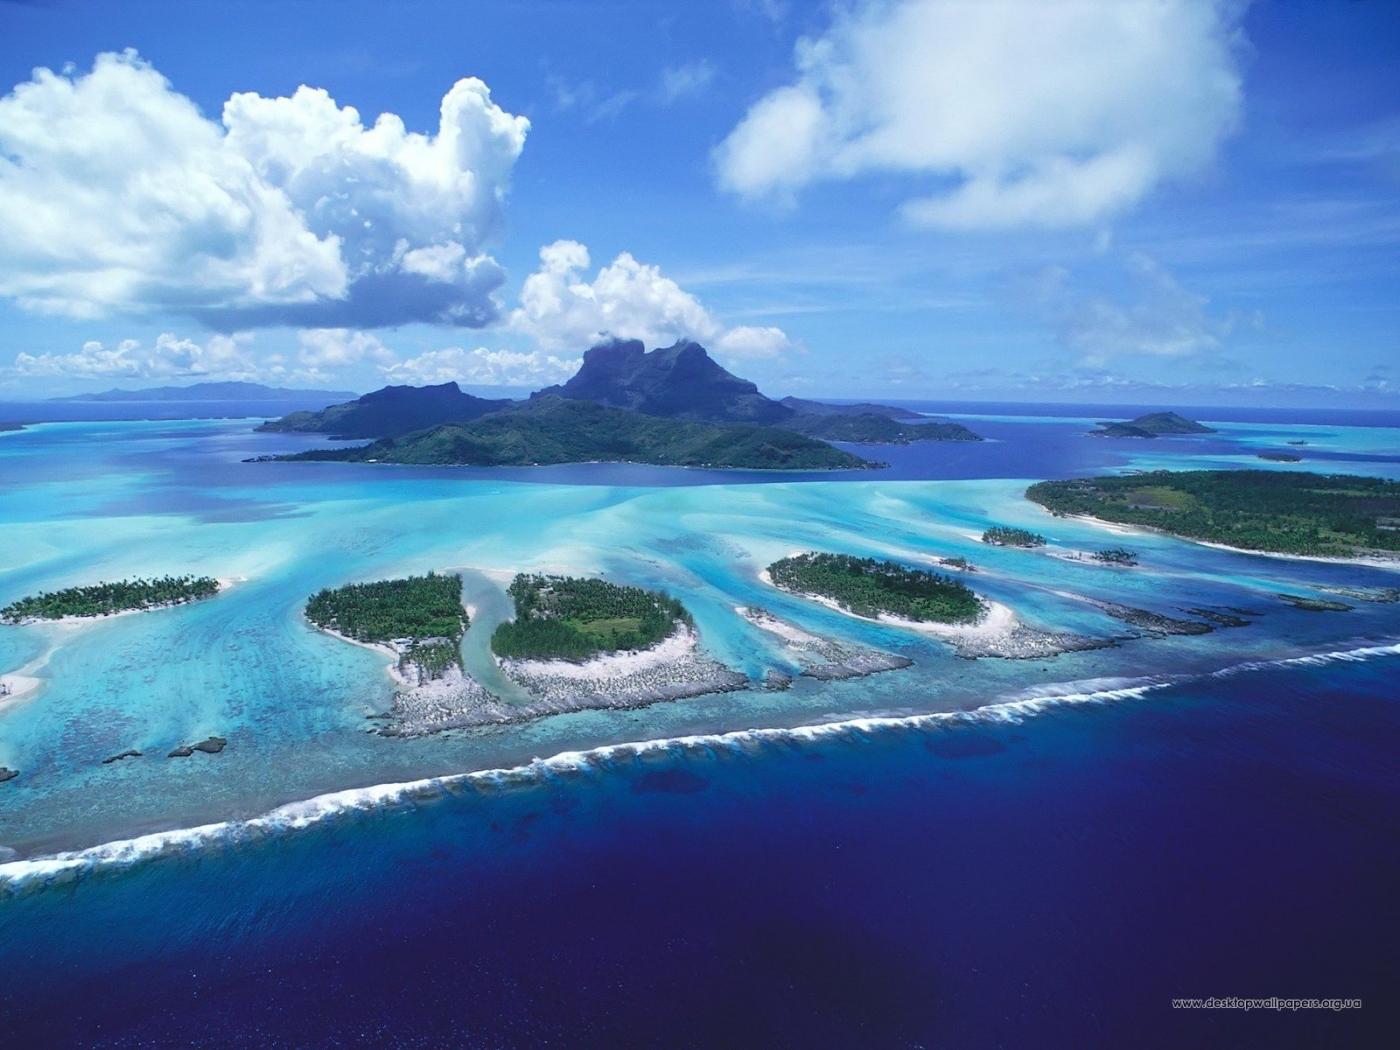 28490 скачать обои Пейзаж, Горы, Море, Облака - заставки и картинки бесплатно